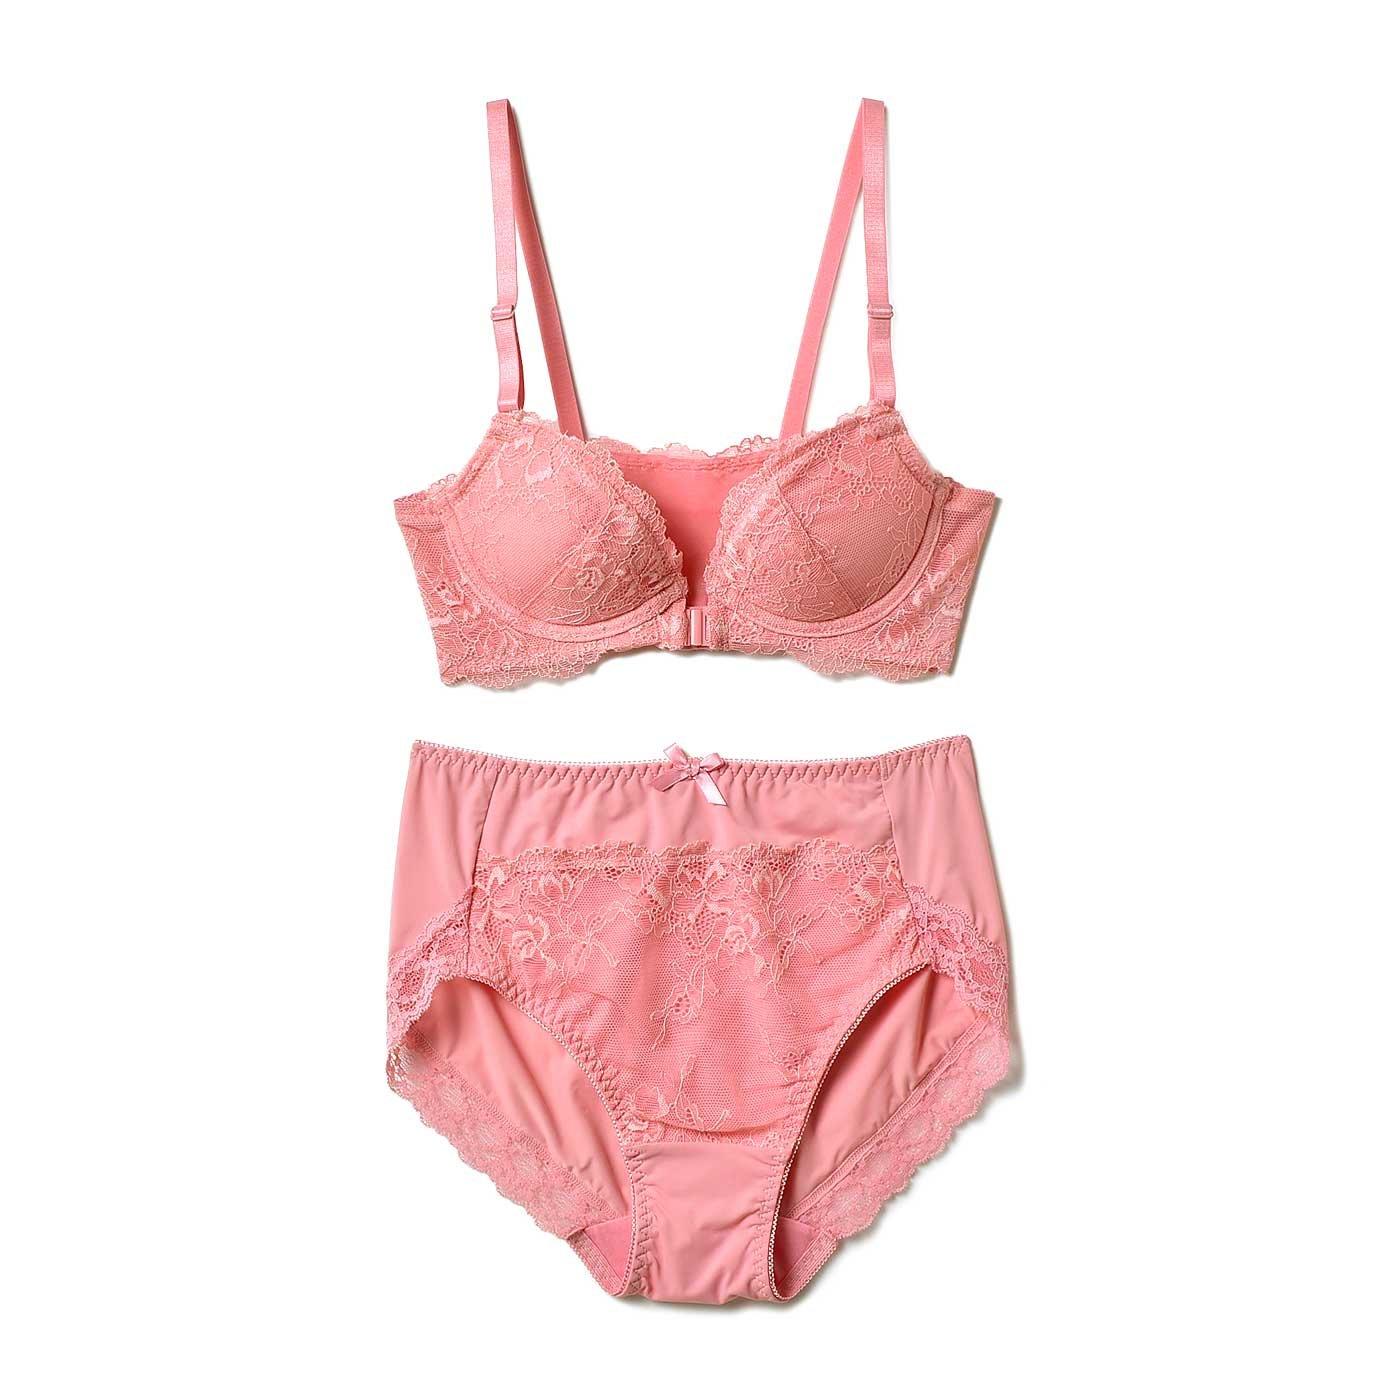 小さい胸さんの わきぷよ段差がきれいに解消 背中すっきり 美人印象ブラ&ショーツ〈オレンジ〉